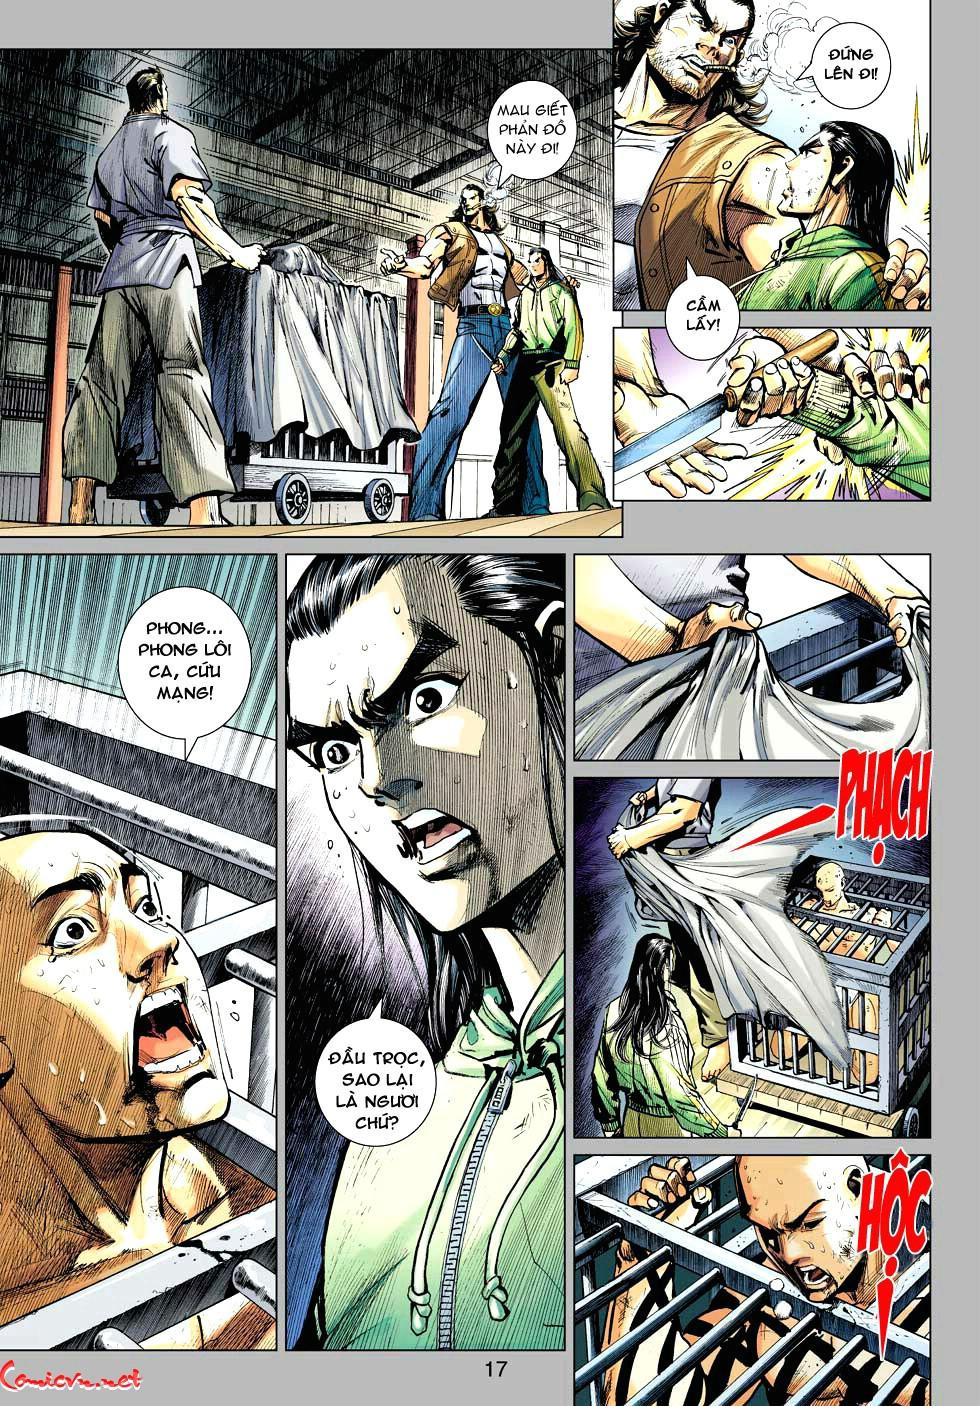 Vương Phong Lôi 1 chap 34 - Trang 17